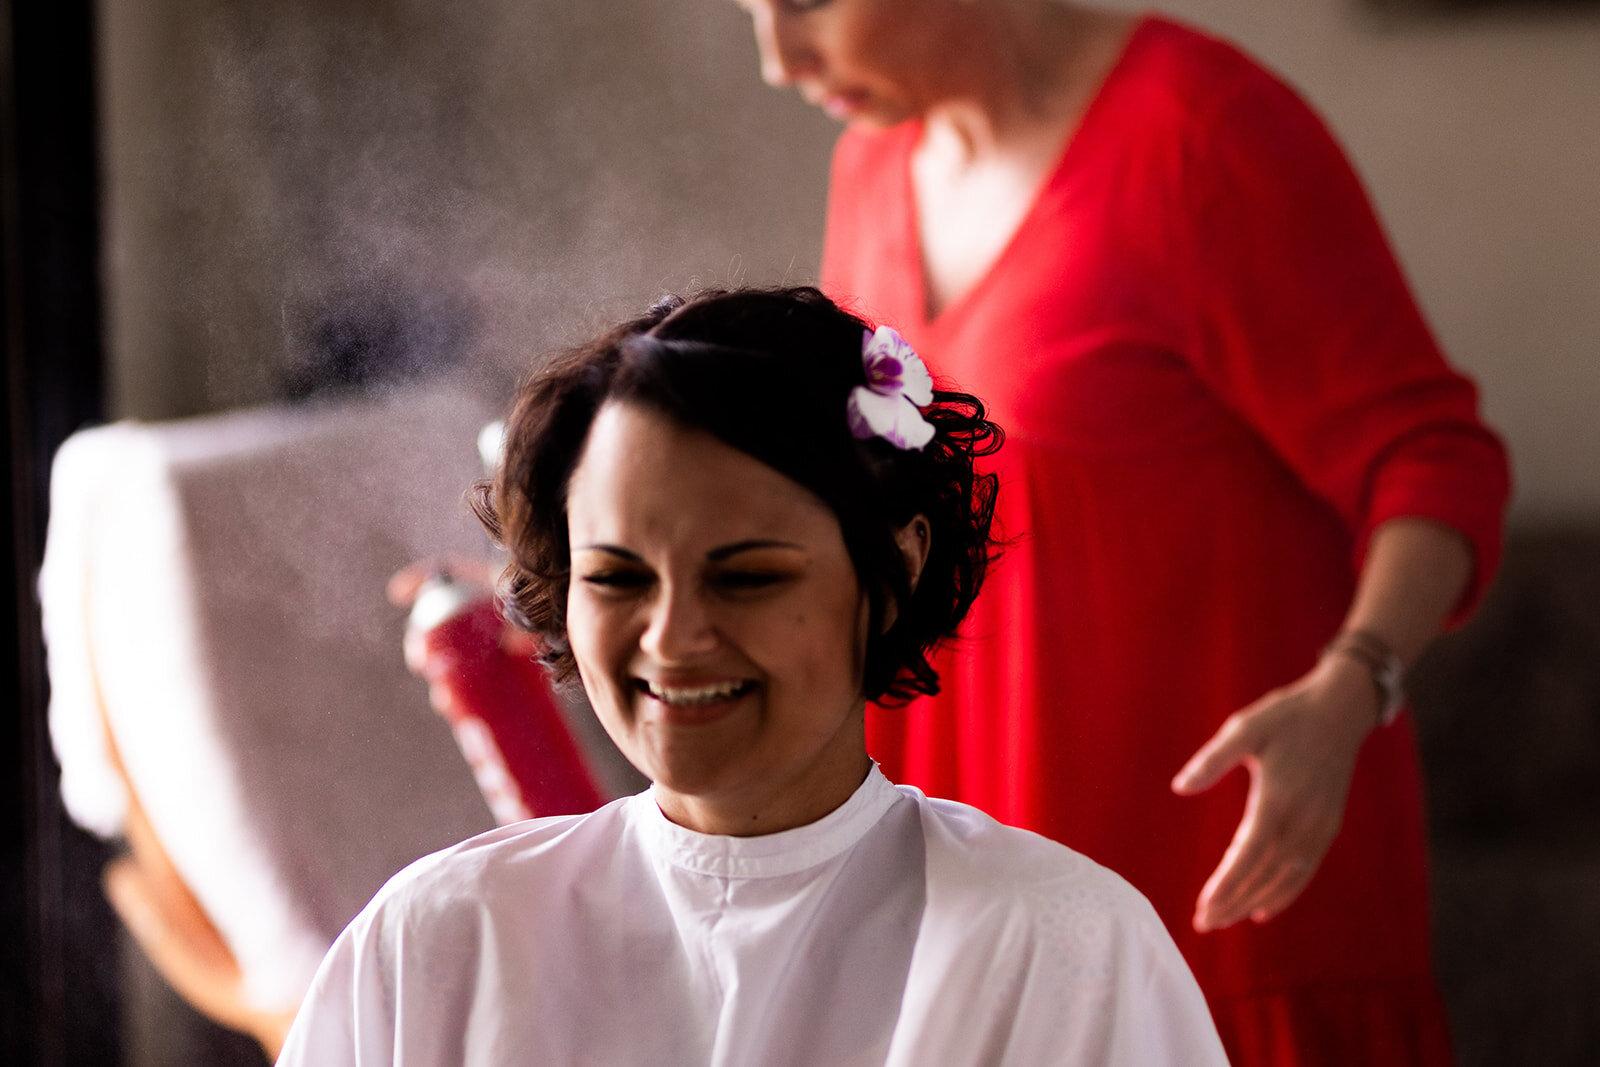 Organisation renouvellement des voeux A et S _ MRevenement wedding planner à la Réunion (19).jpg